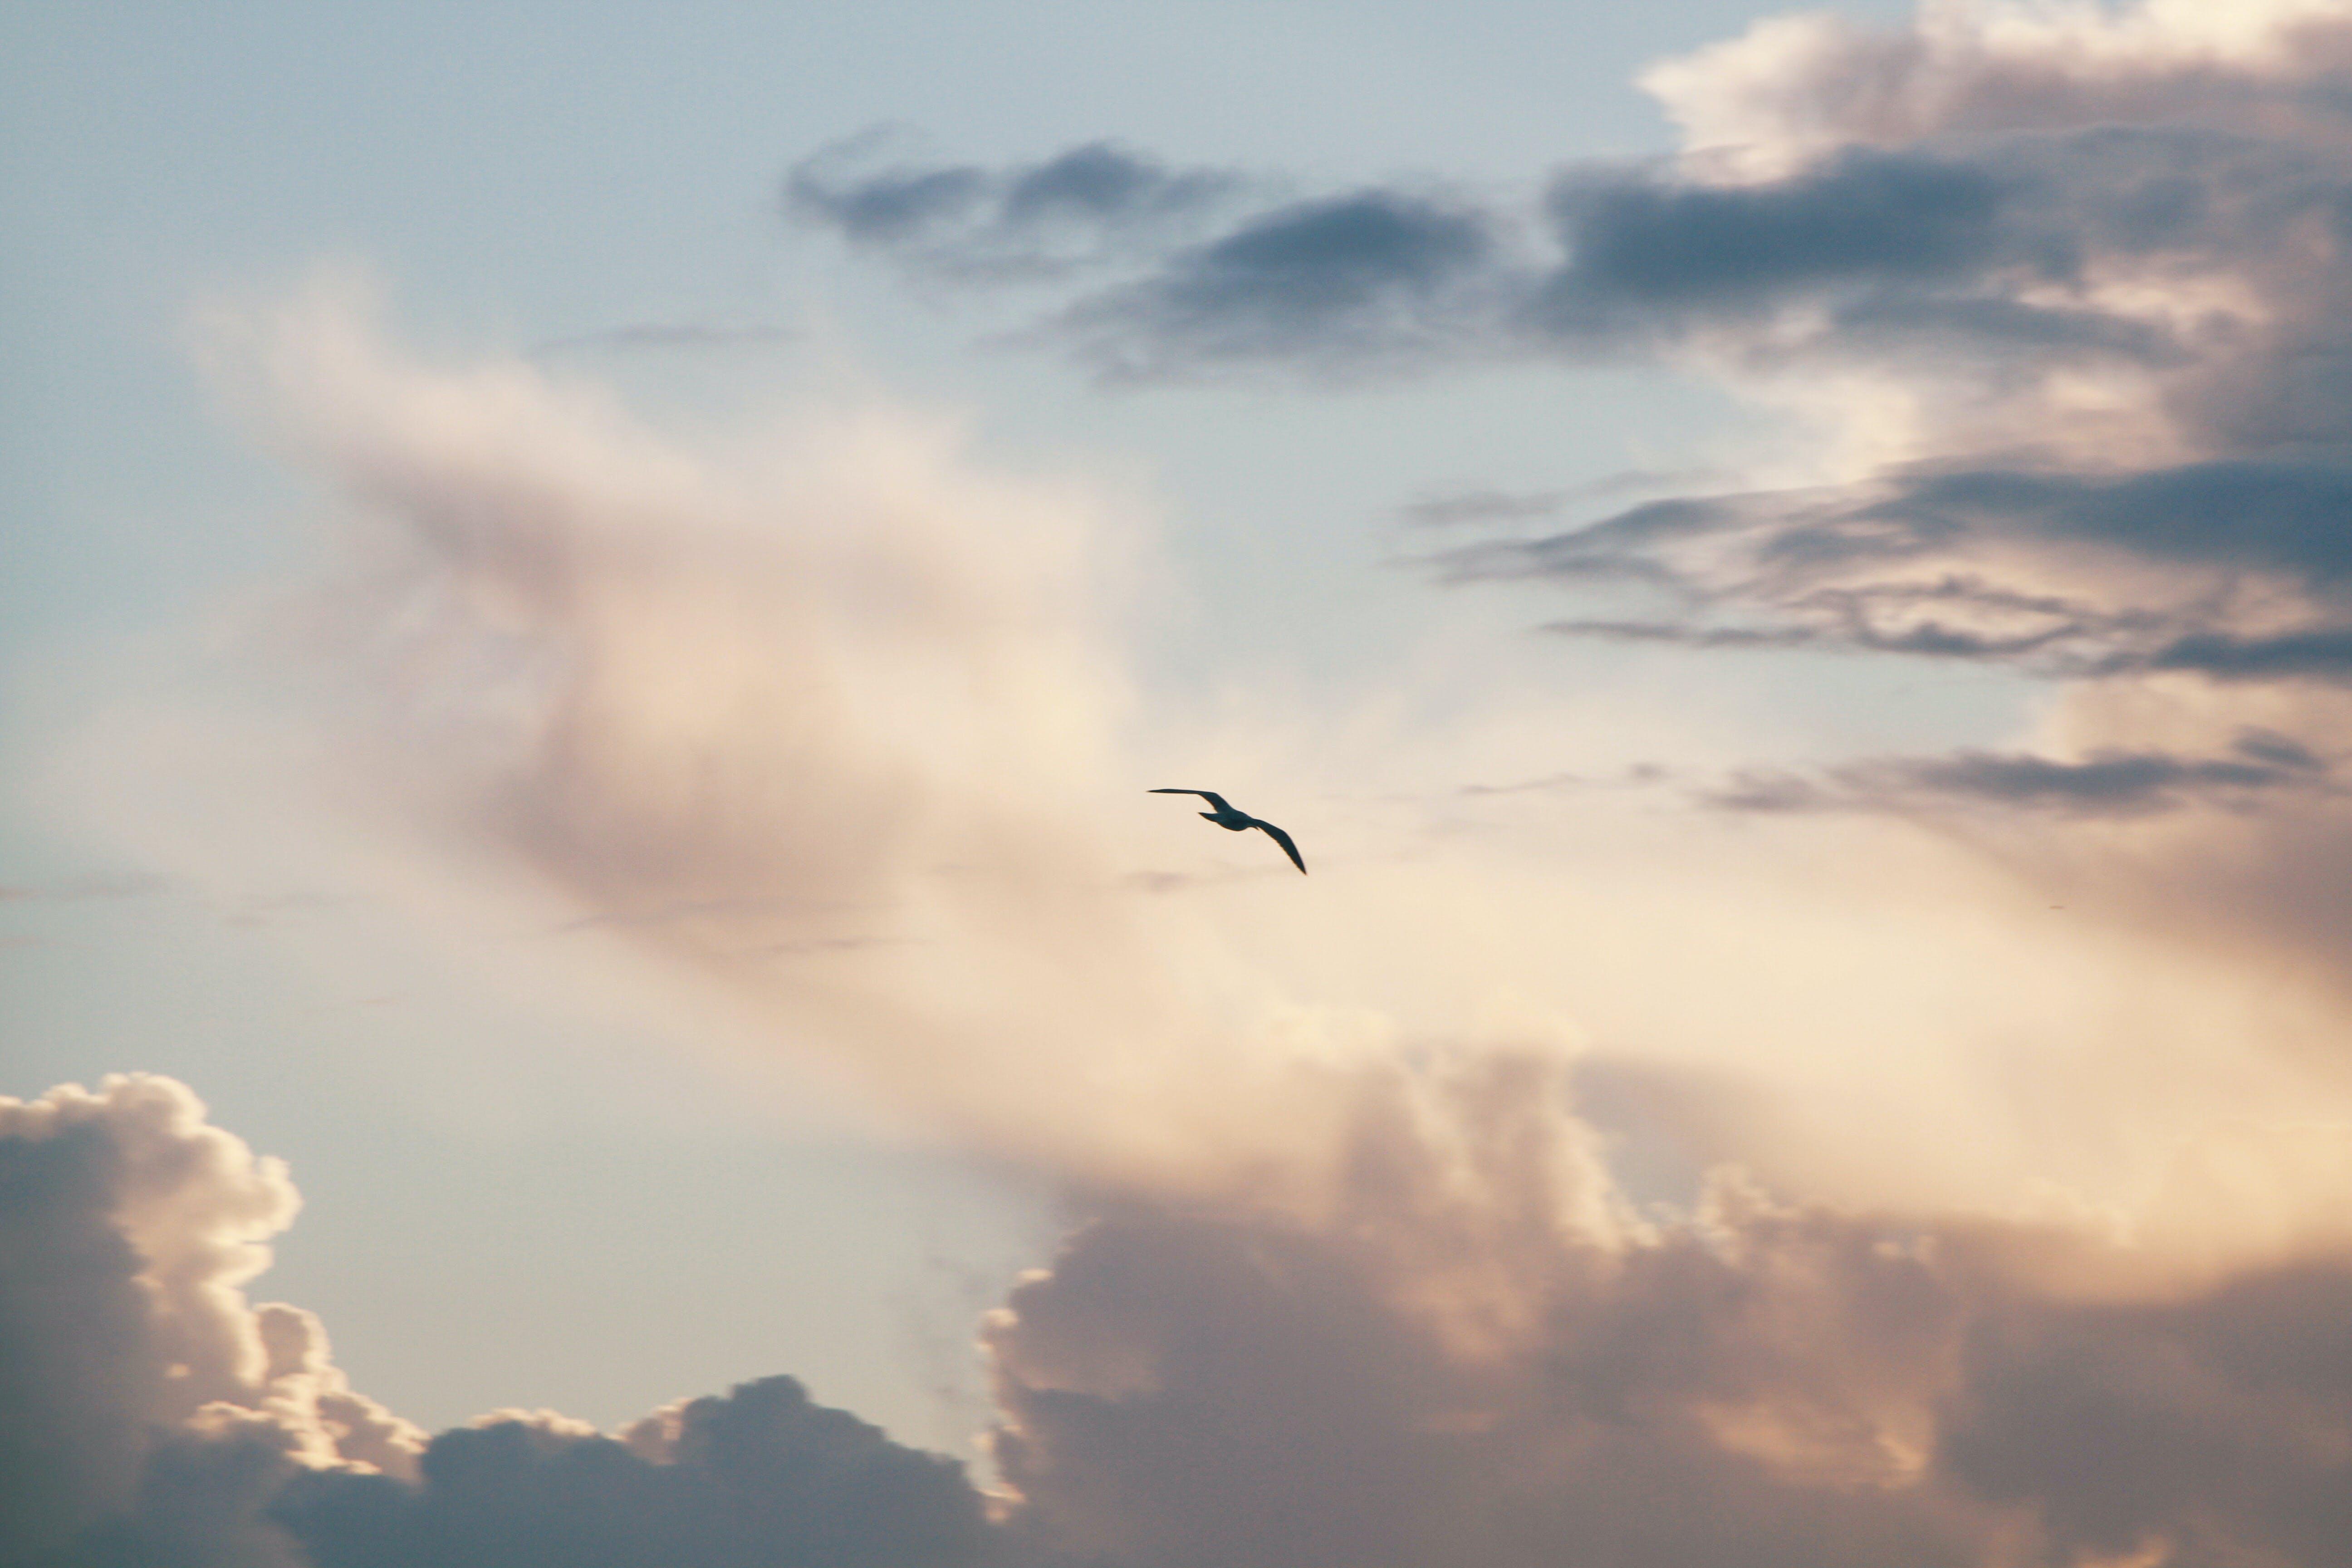 구름, 날으는, 동물, 새의 무료 스톡 사진